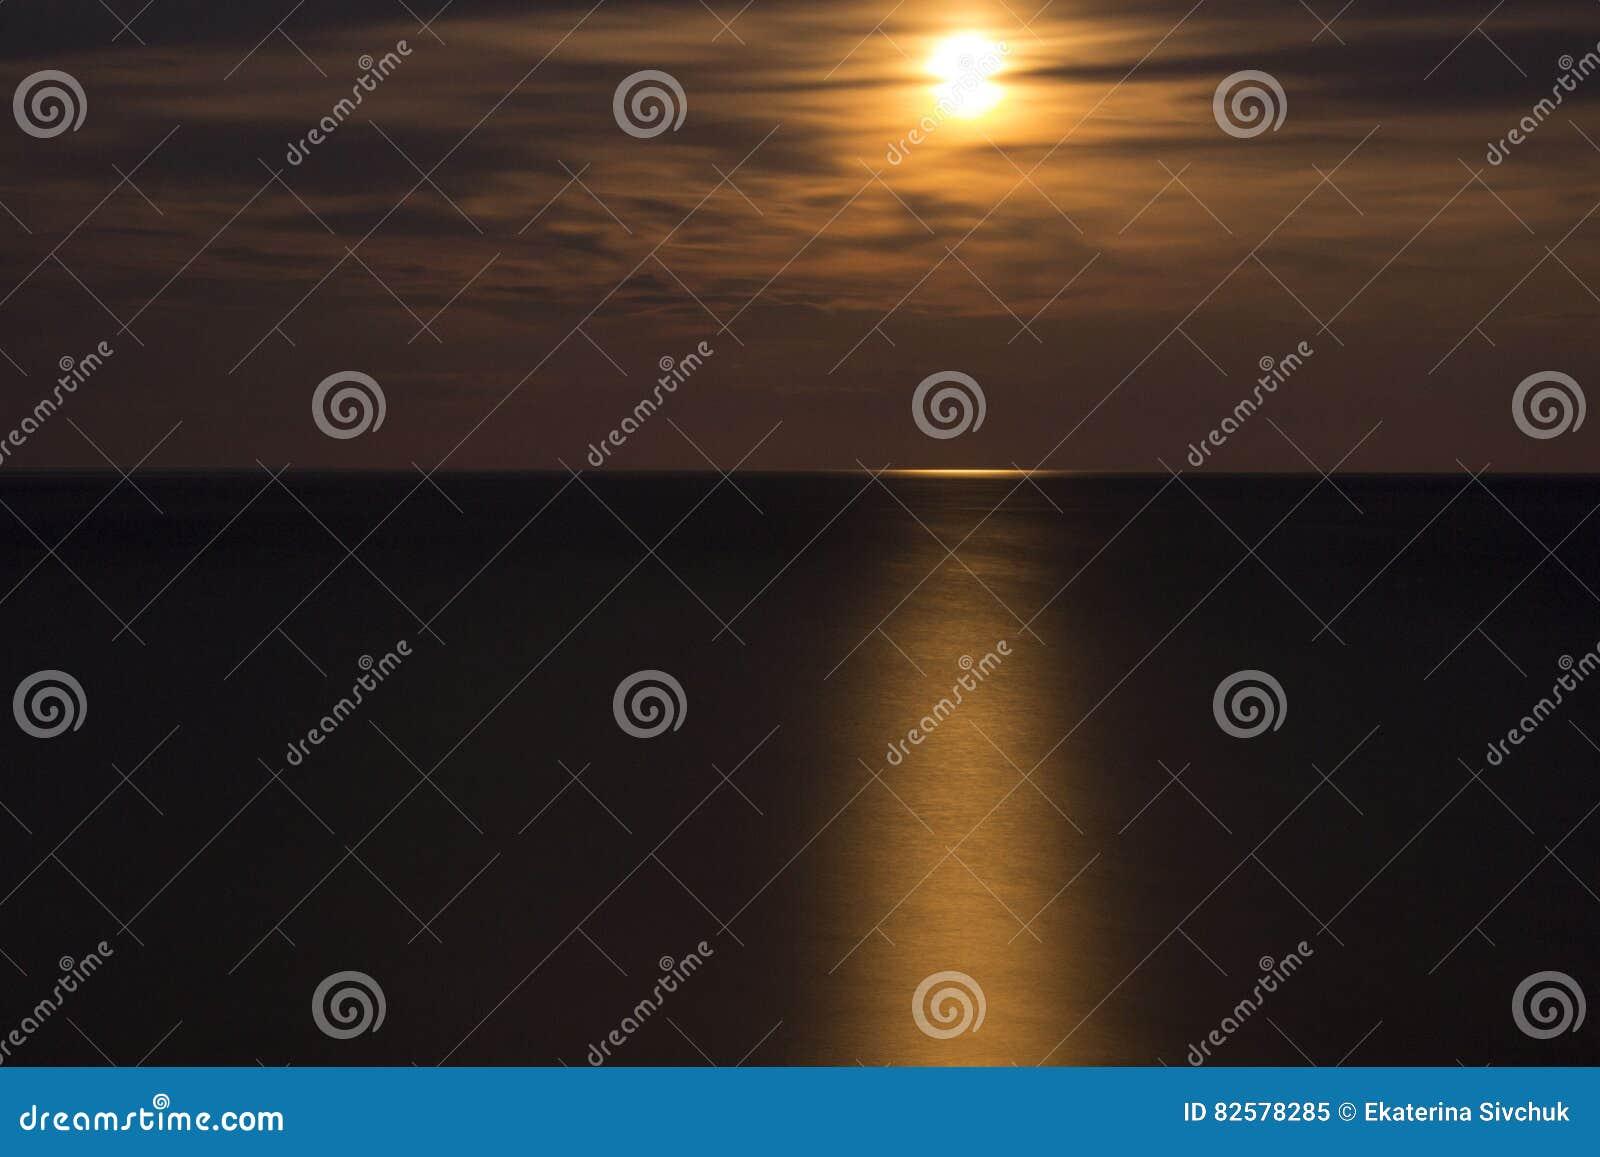 Full Moon Crimea Sea Sky